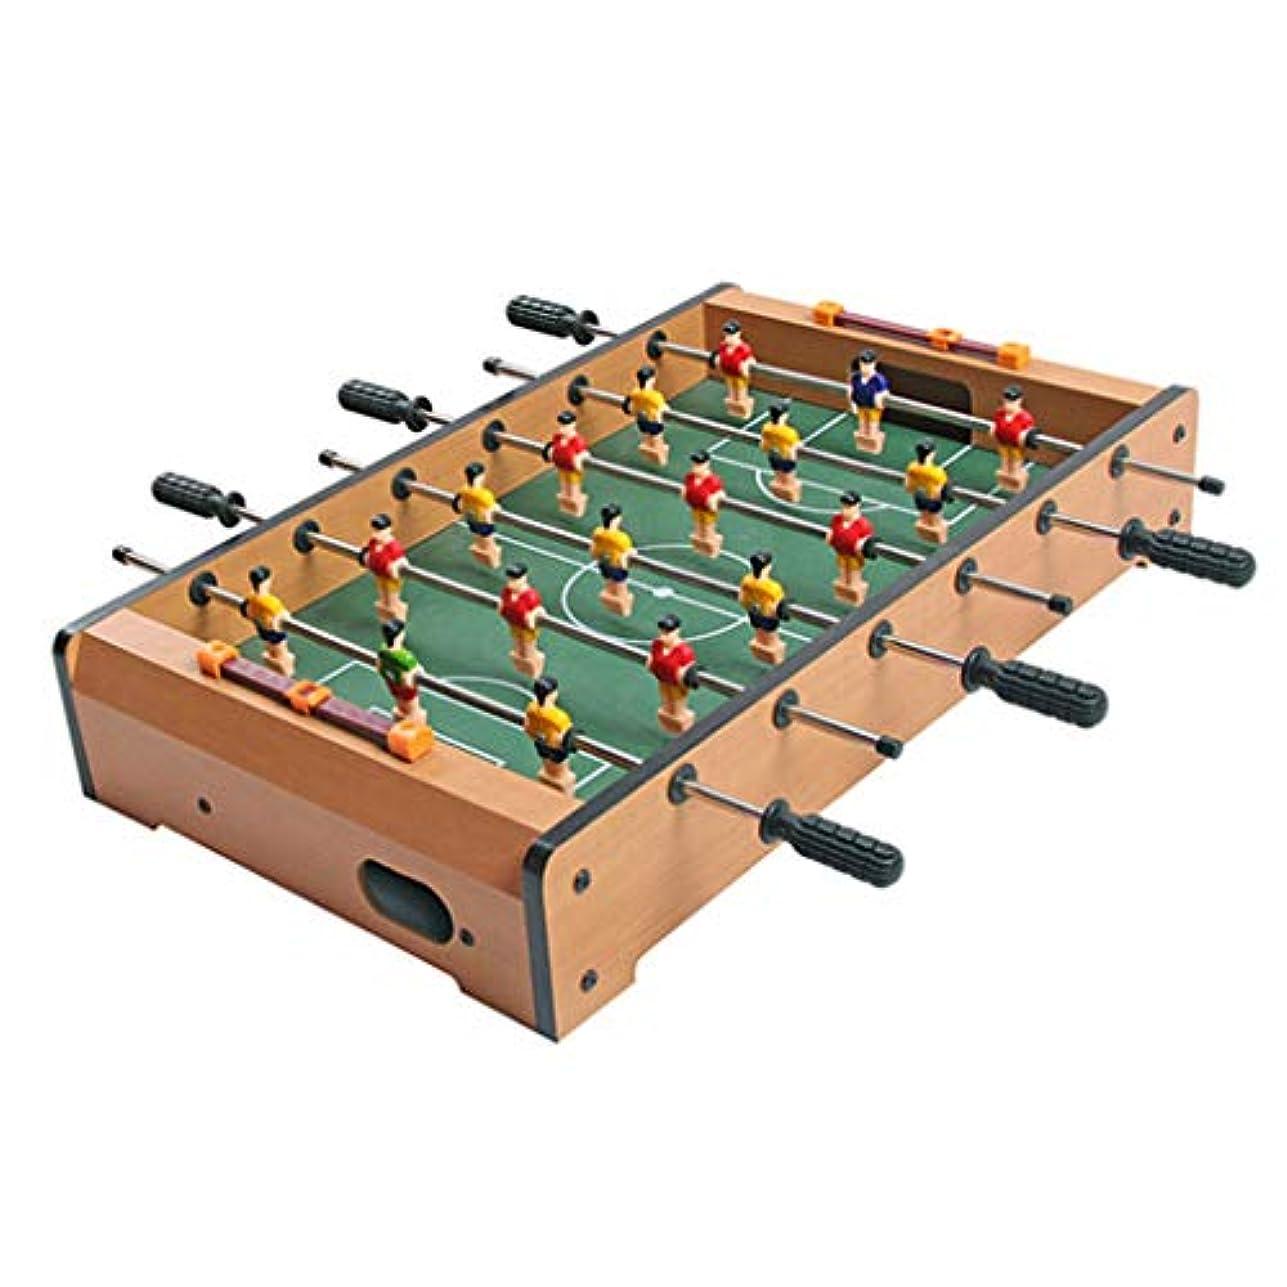 輝く全部臭いダブル子供のテーブルゲームのおもちゃ男の子4-10歳のテーブルサッカーマシンパズルビリヤードテーブルのおもちゃ子供のゲームテーブル子供のための最高の贈り物 (Color : BROWN, Size : 28*48*8.2CM)